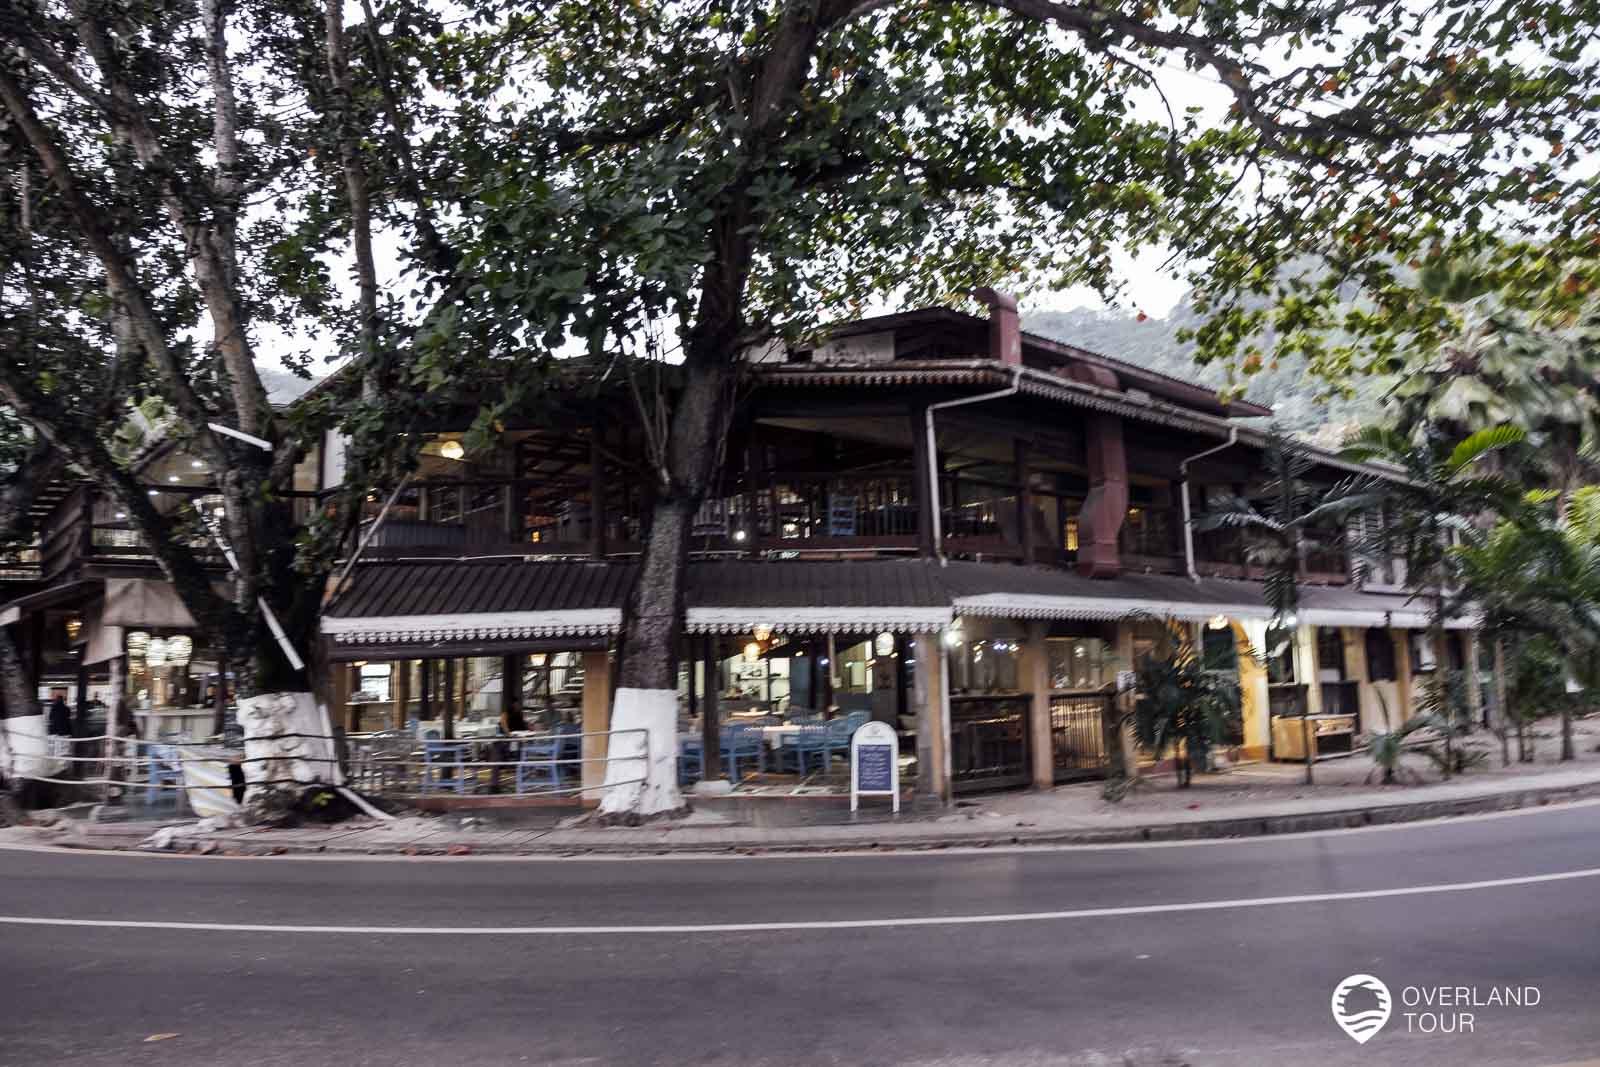 Das Boat House Restaurant im Norden mit seinem All-You-Can-Eat Buffet